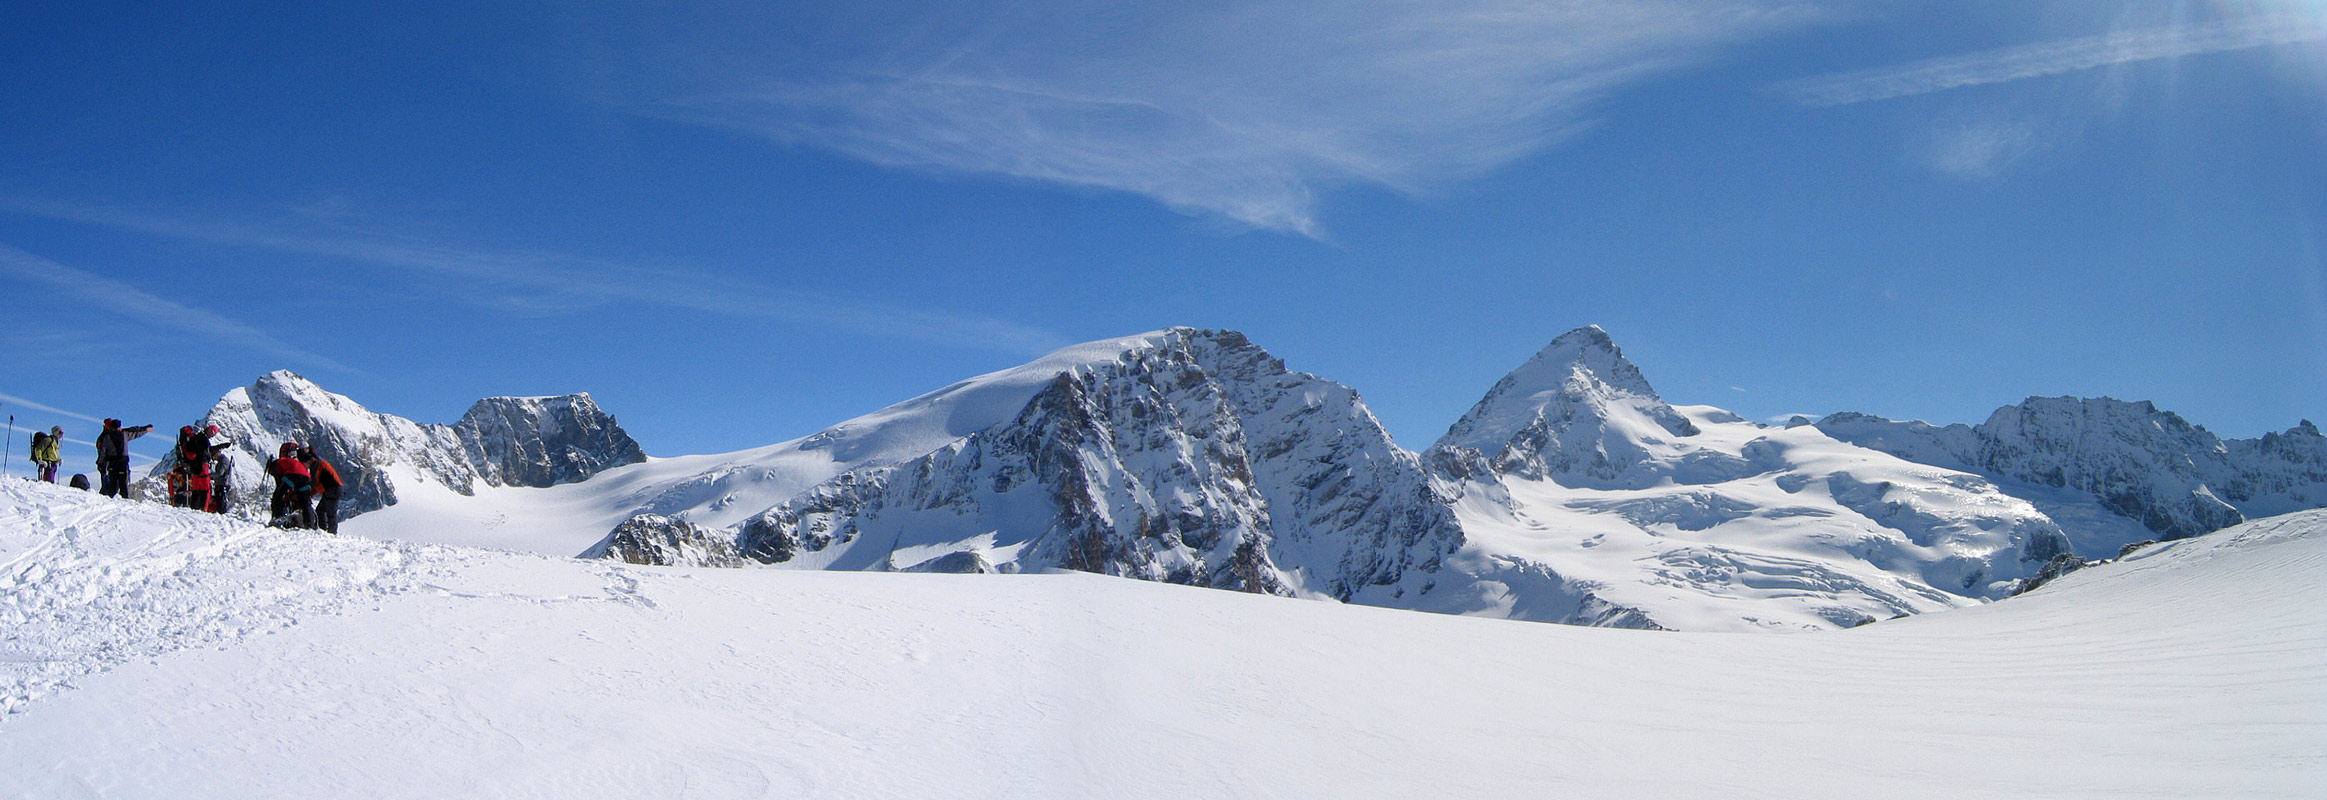 Col Valpelline, Day 6 H.R. Chamonix-Zermatt Walliser Alpen / Alpes valaisannes Schweiz panorama 51